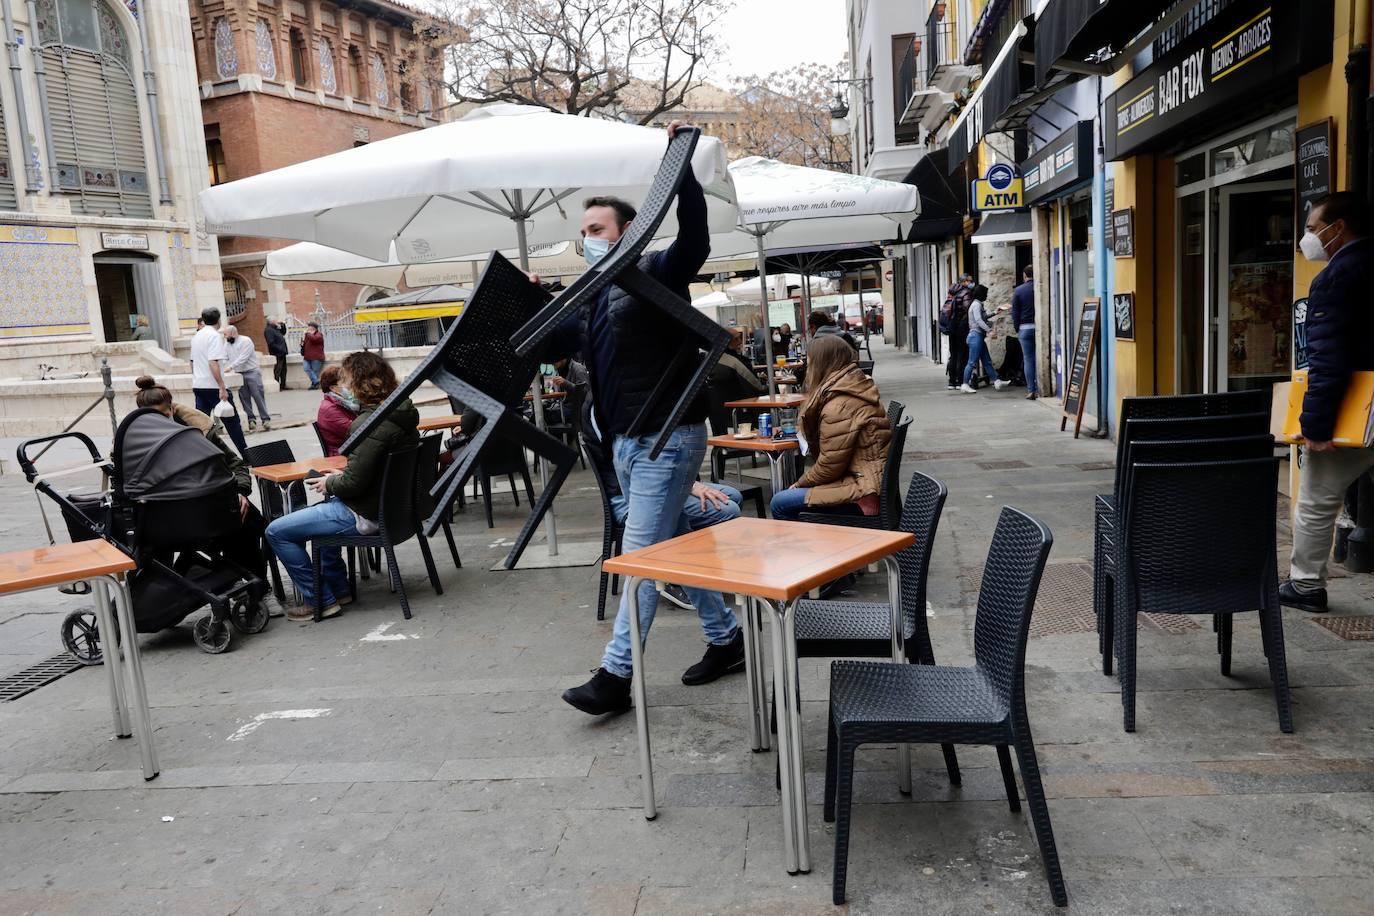 Una terraza, este lunes en Valencia. /Irene Marsilla